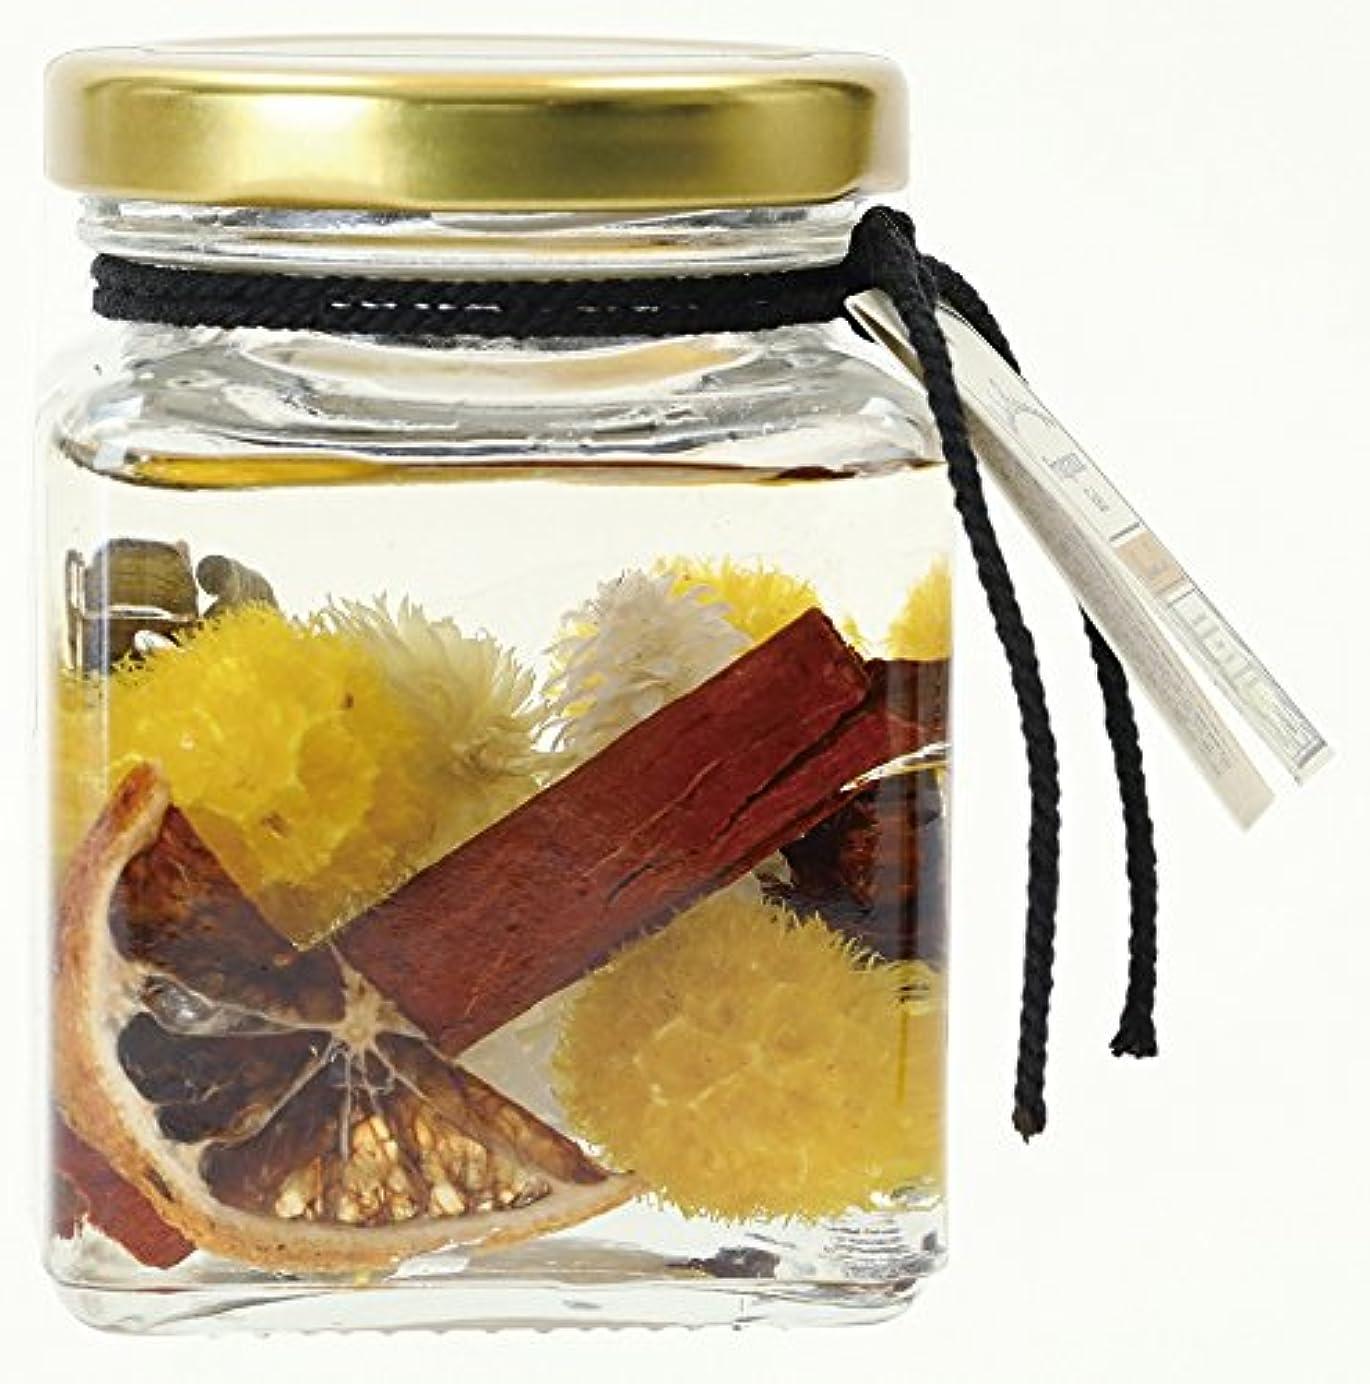 簡単に運営パニックノルコーポレーション フレグランスジェル ジャルダンボタニーク ベルガモット 柑橘の香り OA-JBT-1-1